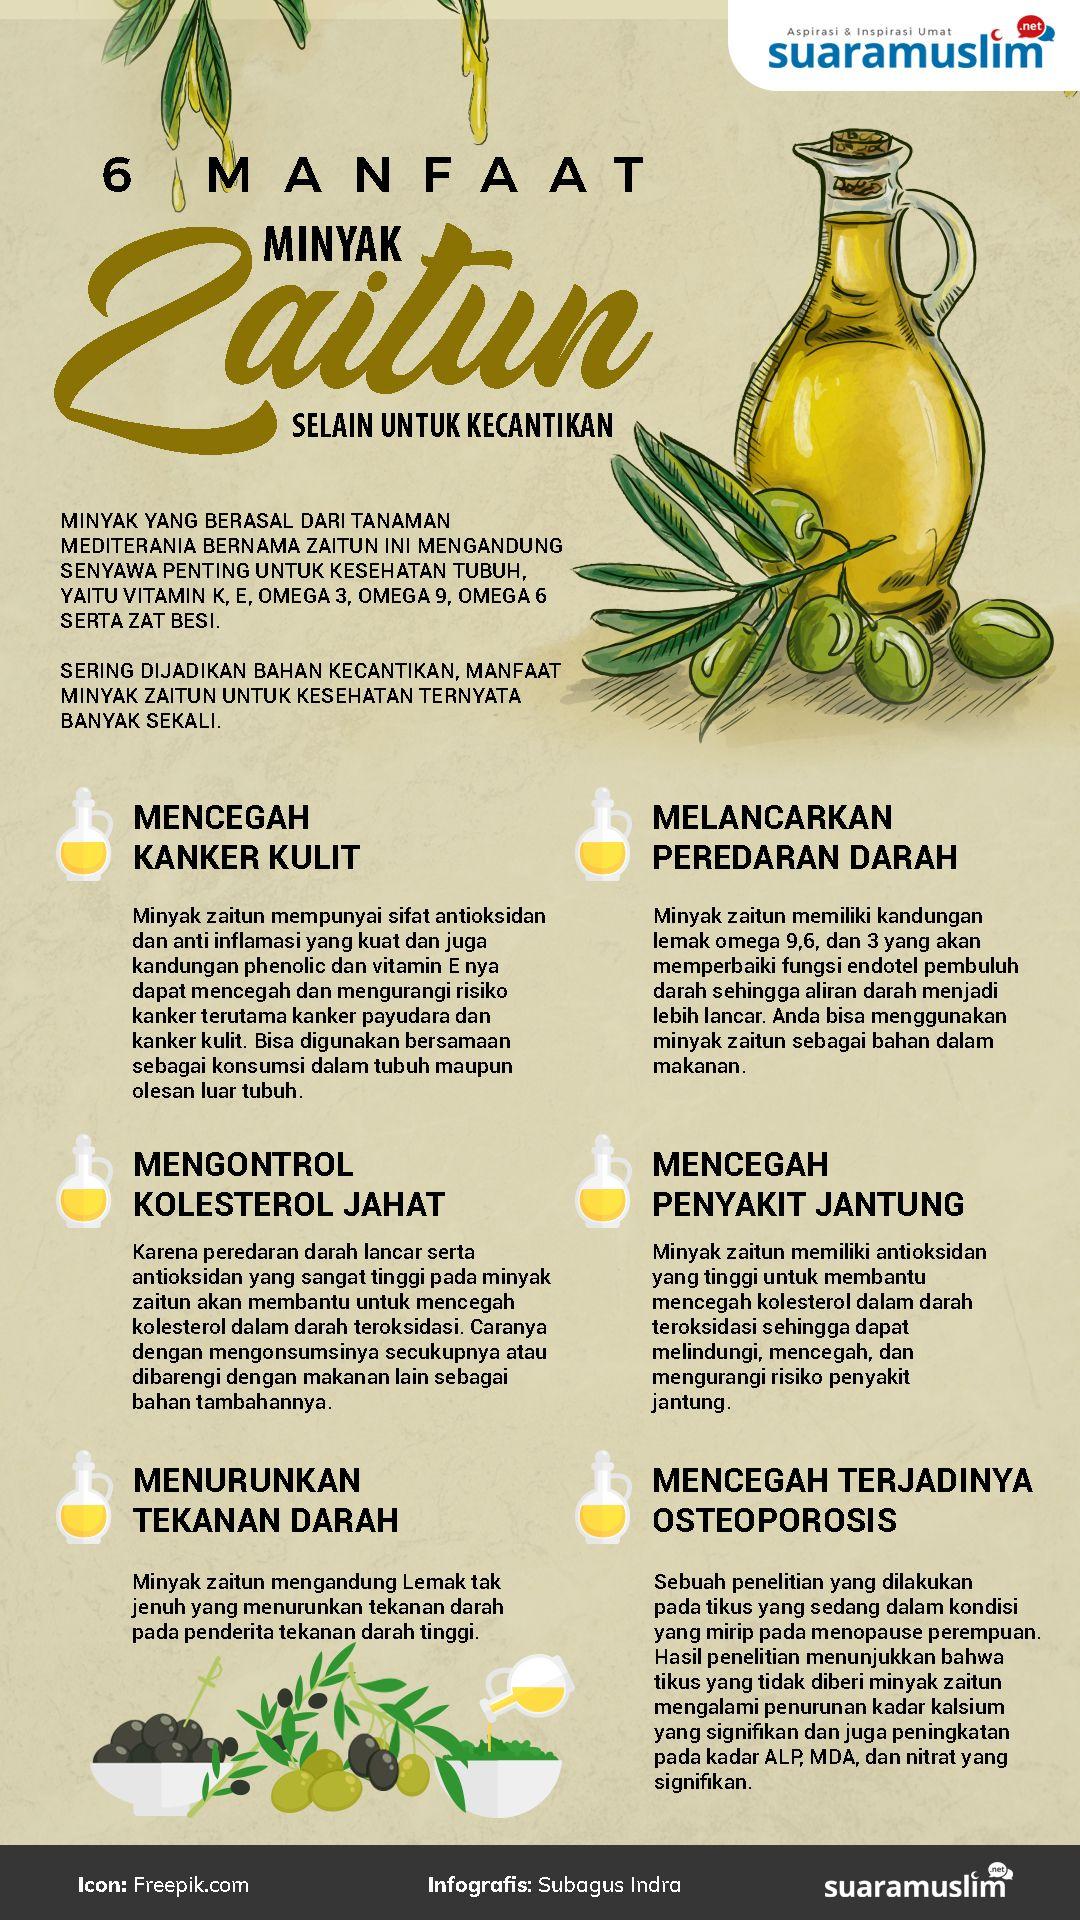 Enam Manfaat Minyak Zaitun Selain Untuk Kecantikan Suara Muslim Minyak Zaitun Zaitun Resep Diet Sehat